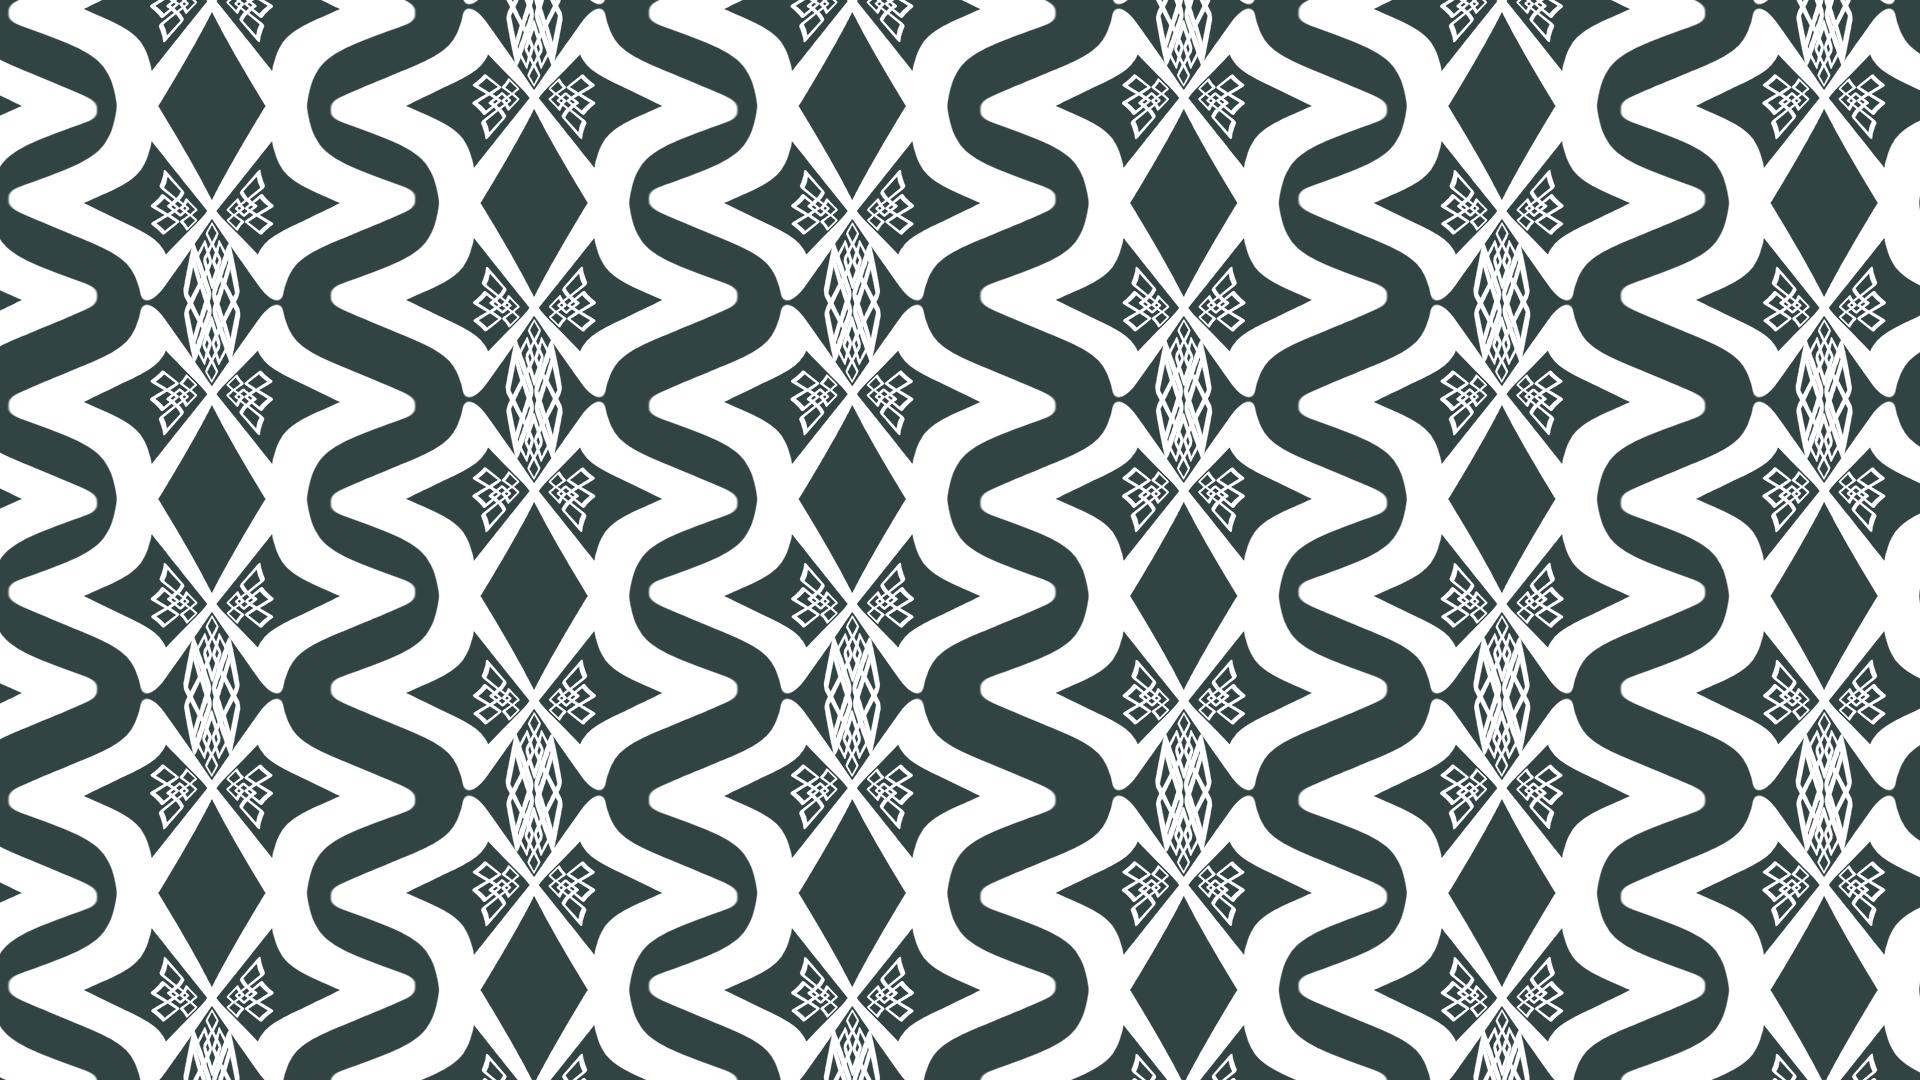 Wallpaper Gambar Satu Warna Abstrak Pola Lingkaran Bentuk